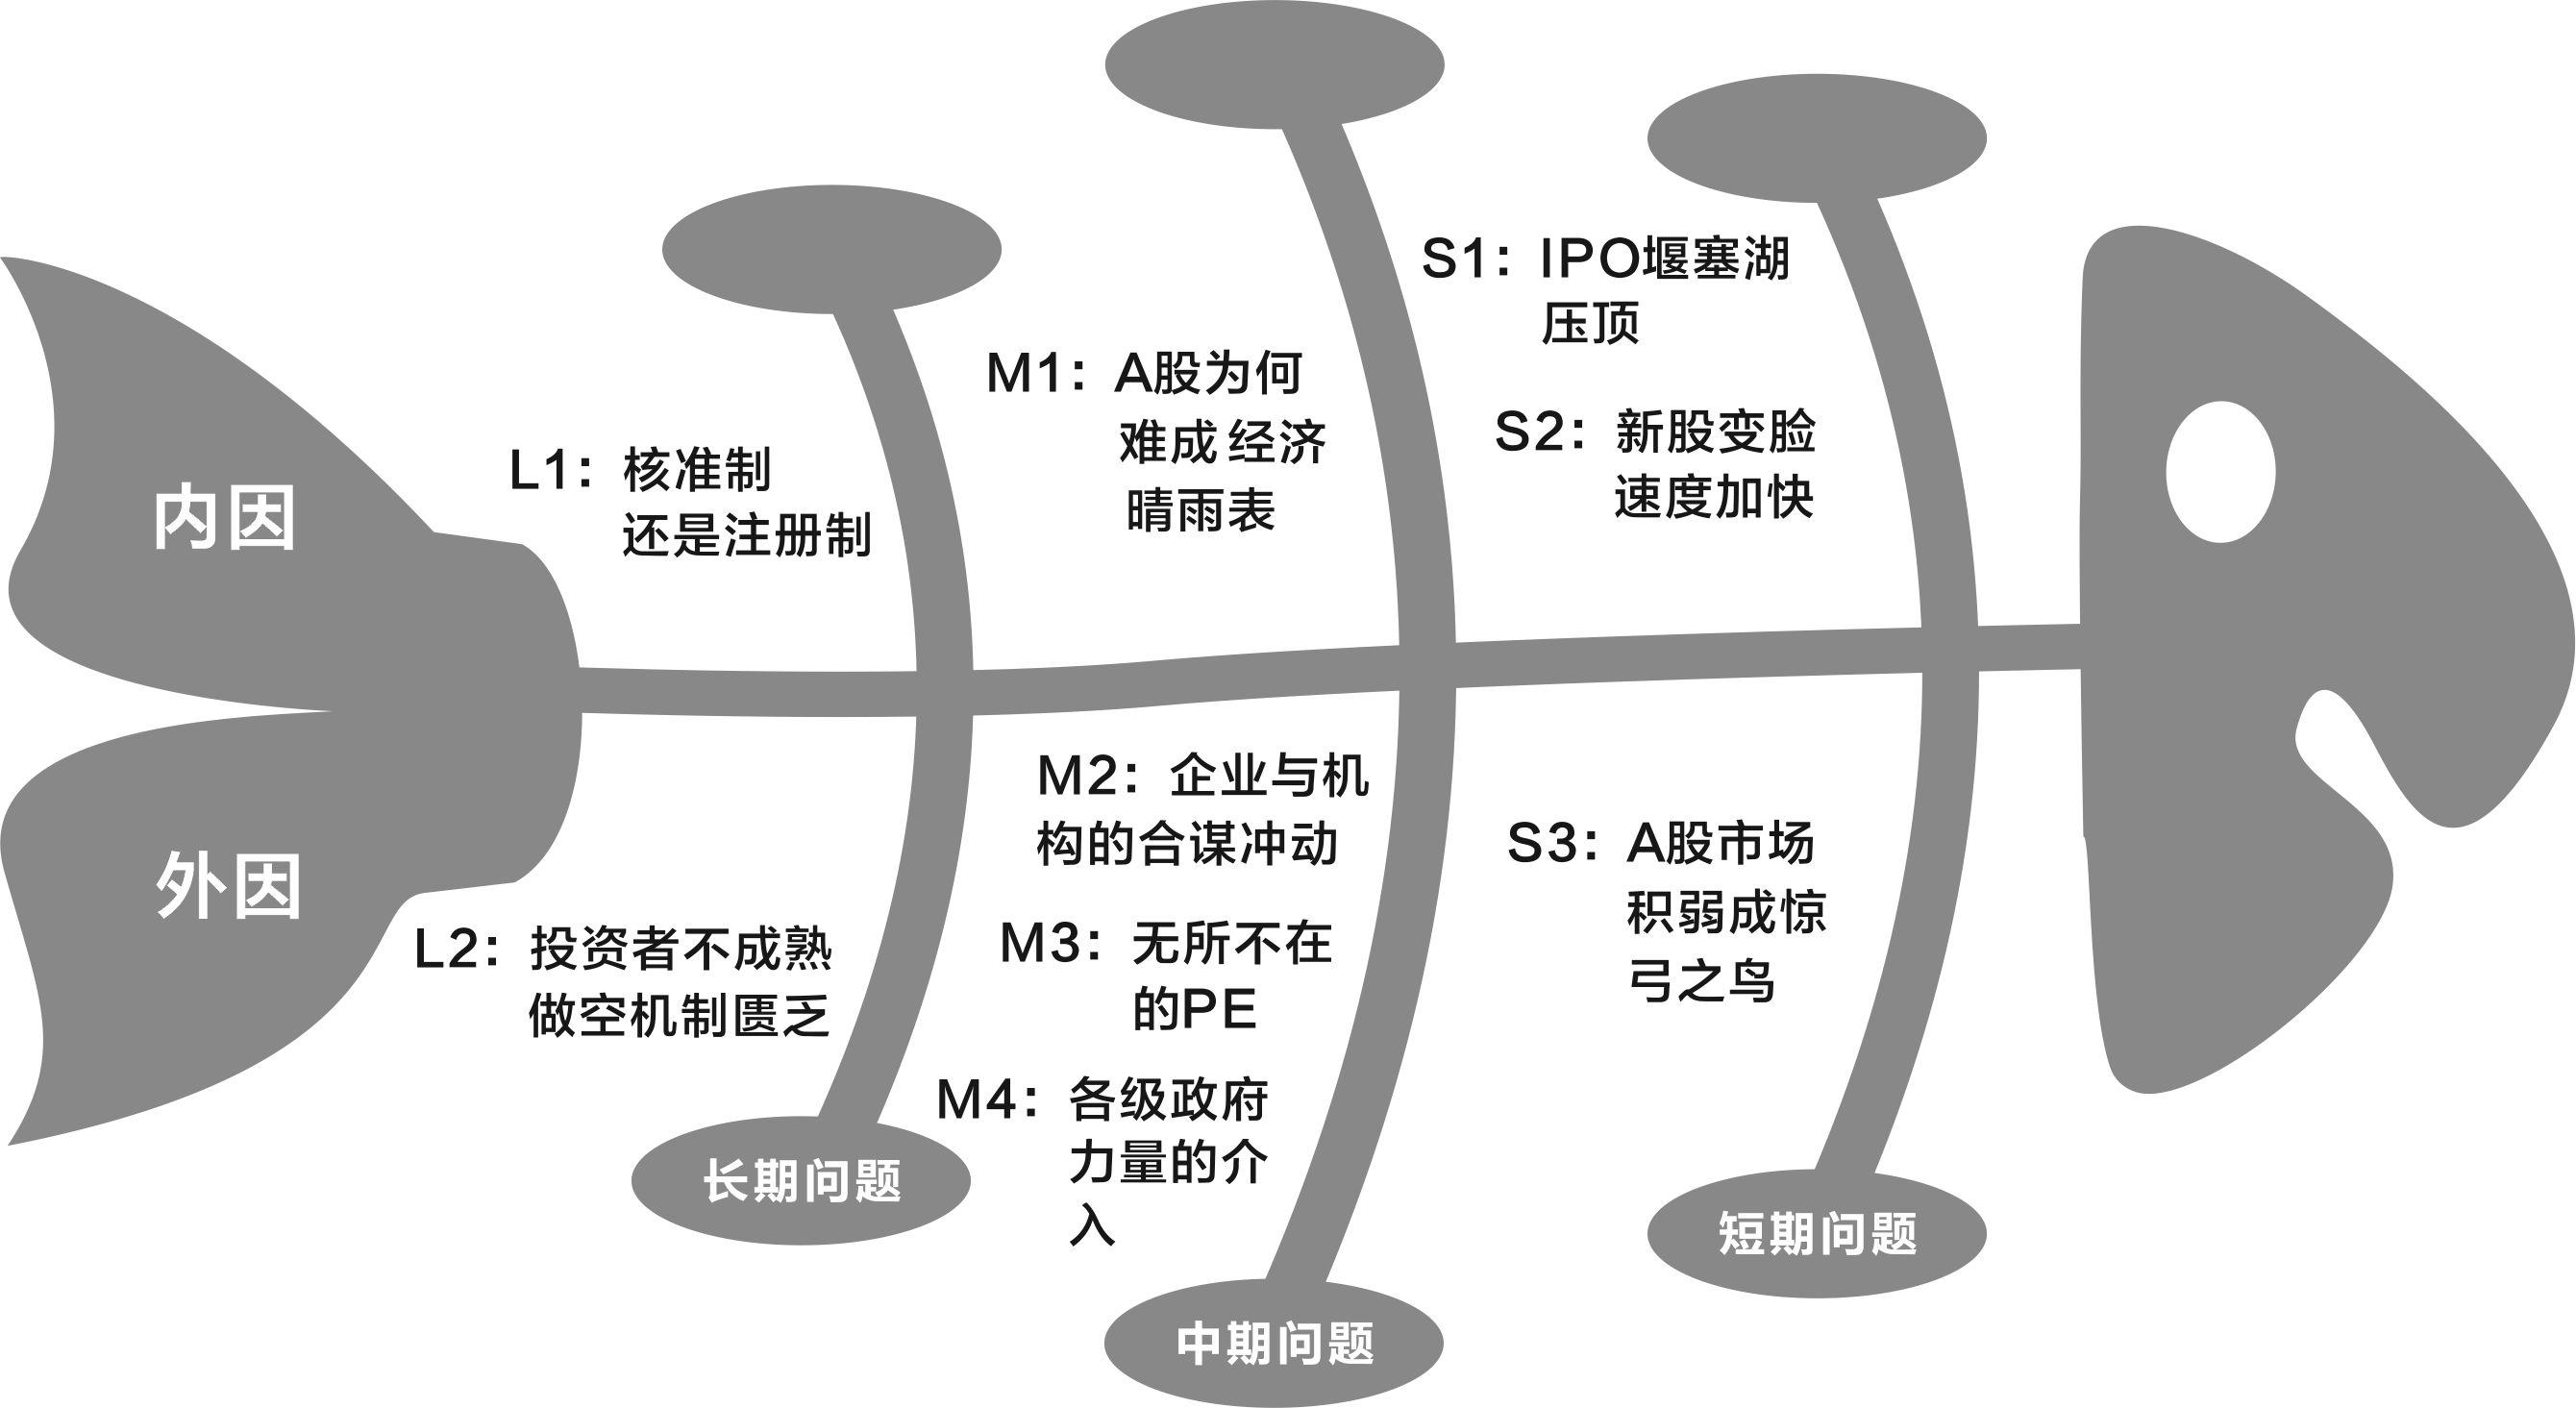 经济管理论文_中国IPO鱼骨图拆解 -论文资料网